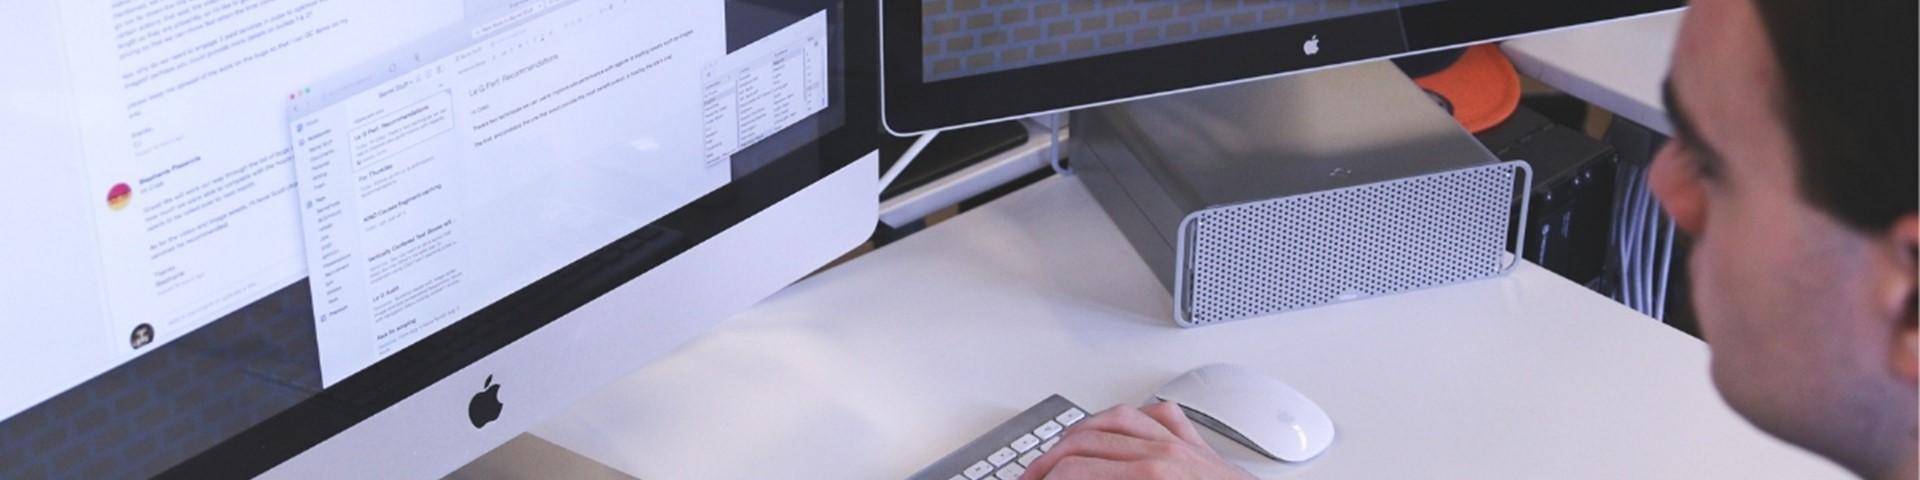 Sua agência pratica a estratégia digital que indica aos clientes?